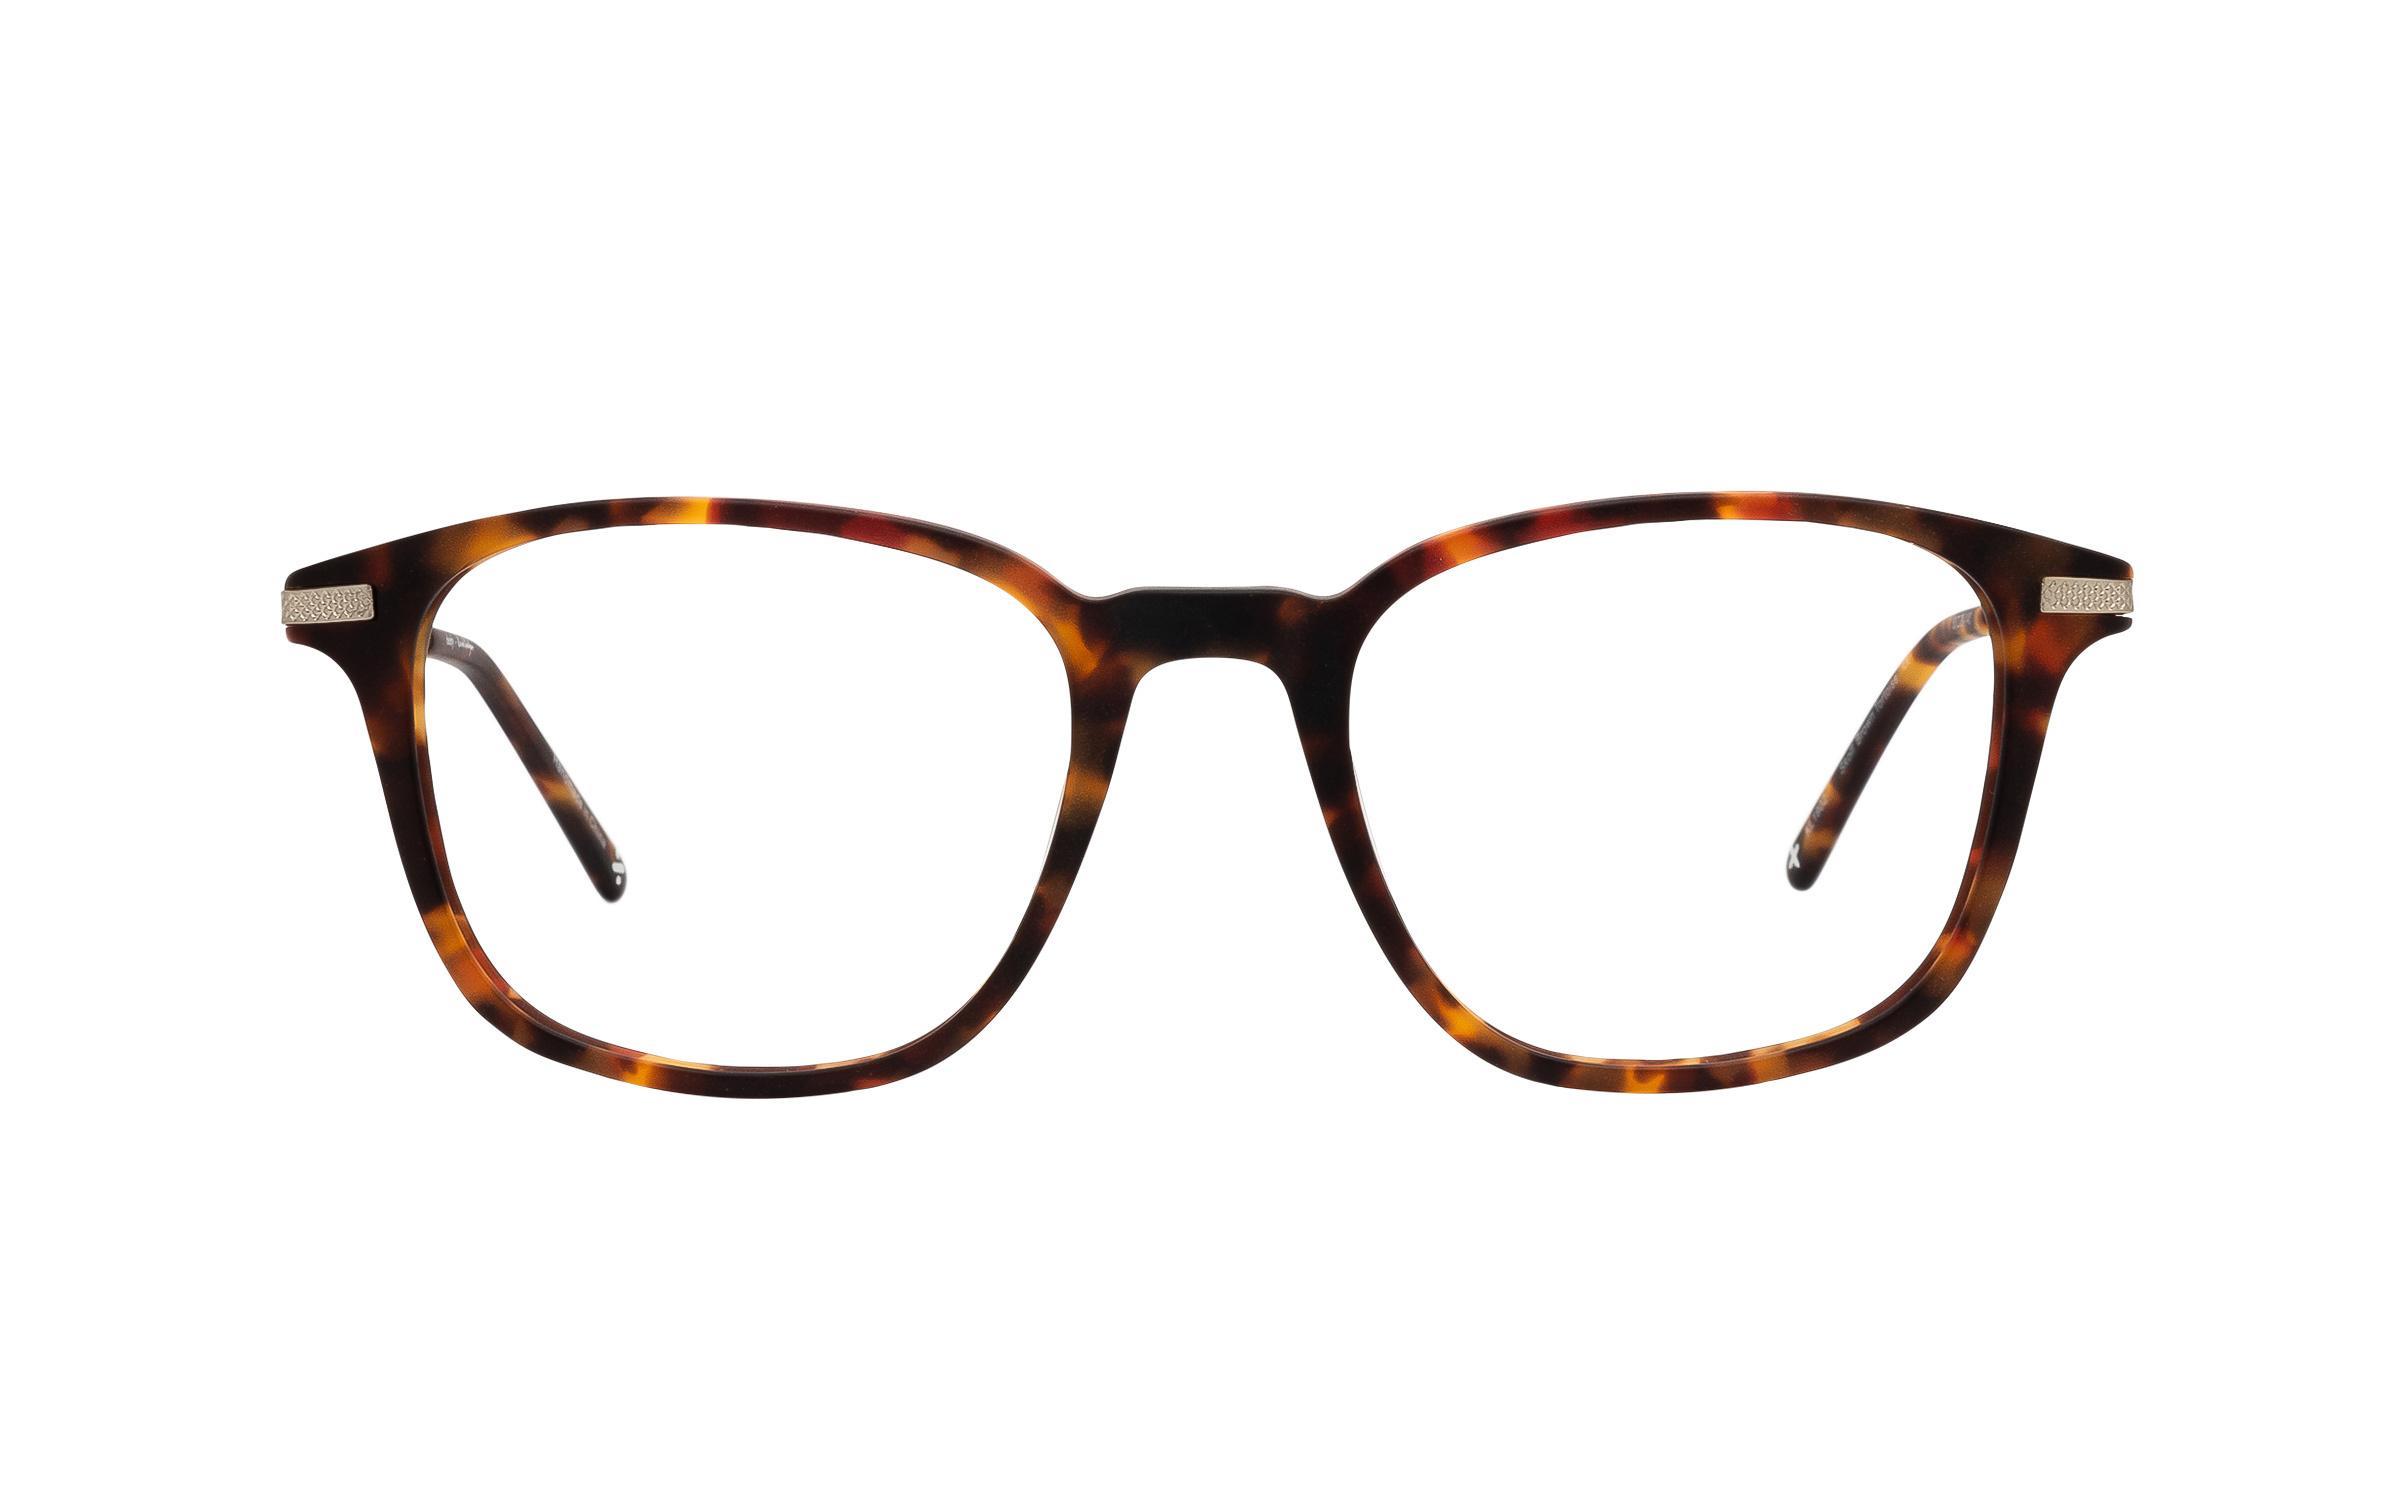 http://www.coastal.com/ - Derek Cardigan Skoll (53) Eyeglasses and Frame in Brown/Tortoise   Acetate/Metal – Online Coastal